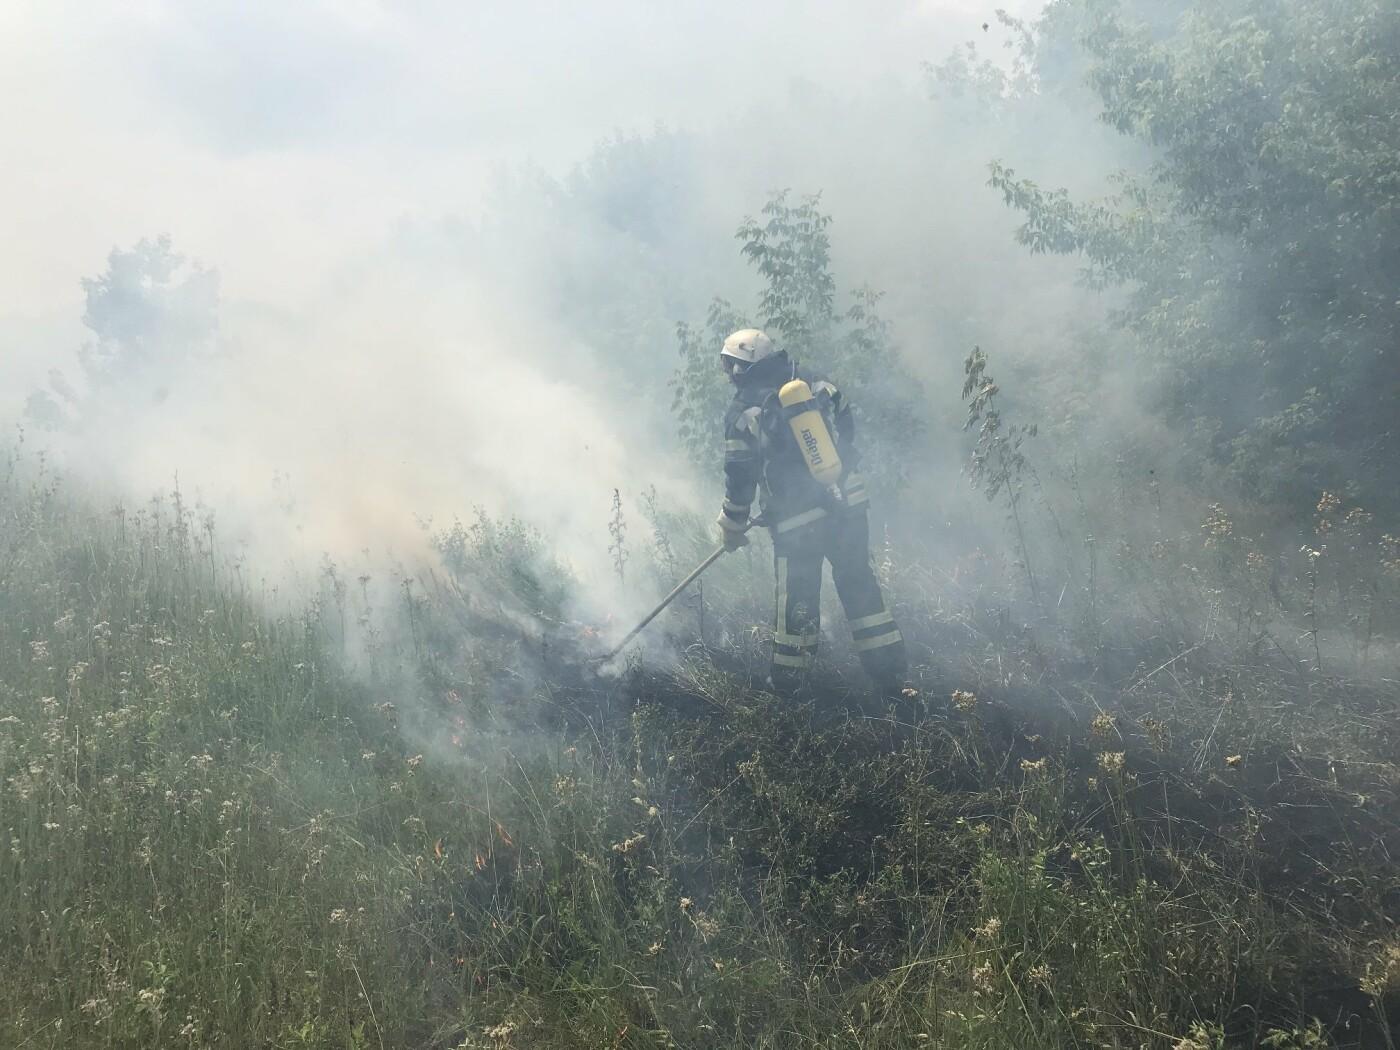 Кіровоградська область: рятувальники загасили 3 пожежі сухої трави (ФОТО), фото-1